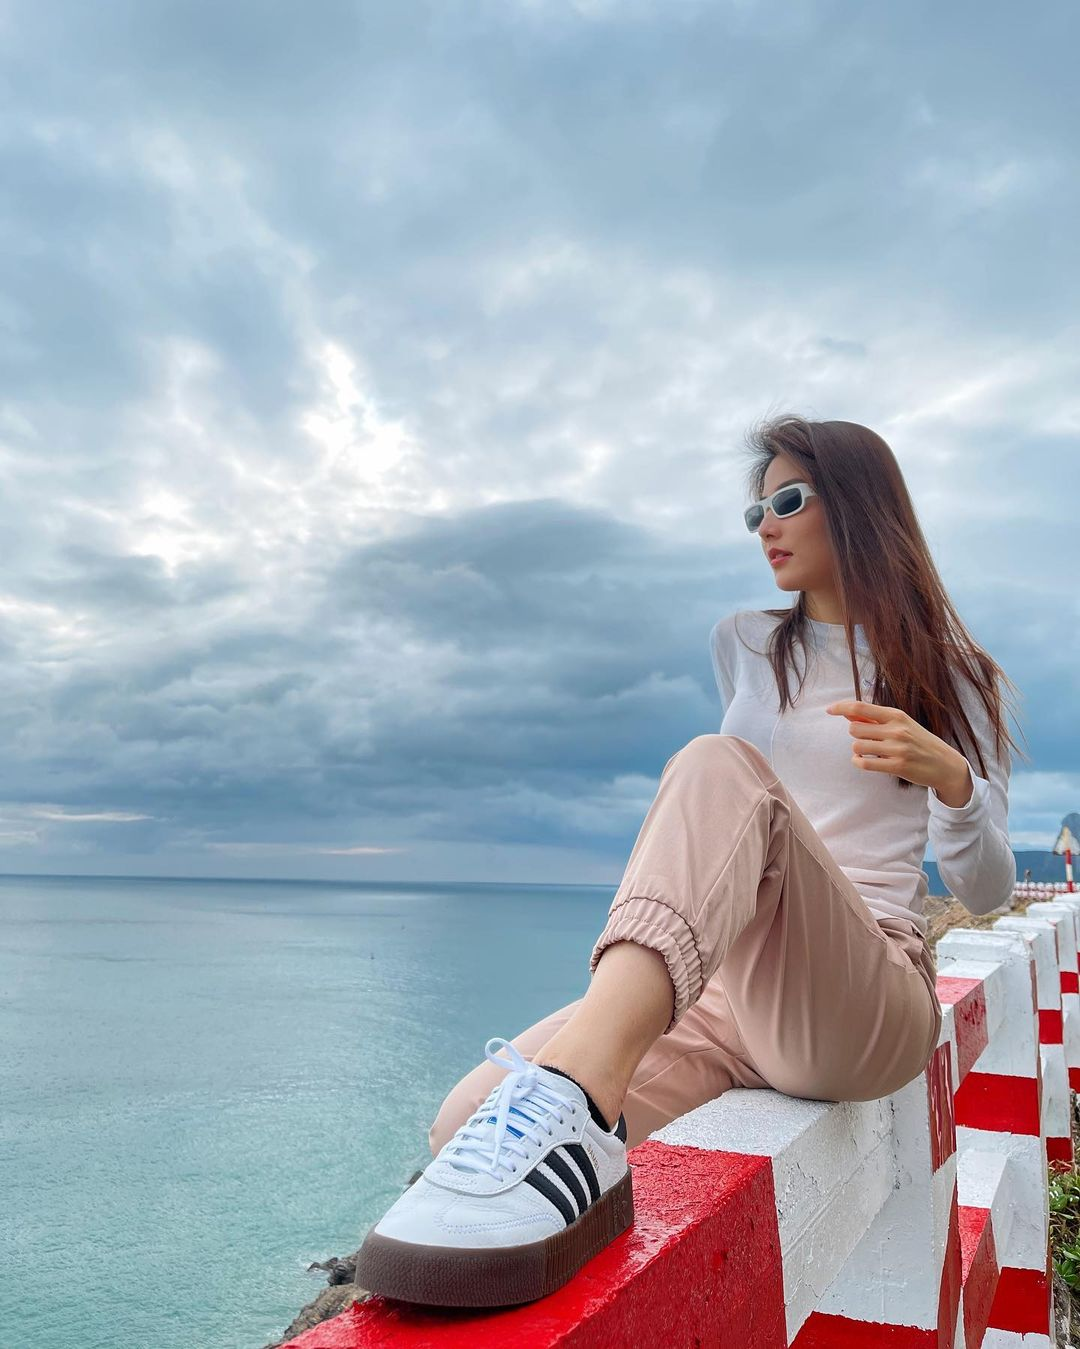 """Sao Việt diện áo trắng trong mùa lạnh: Nàng nào cũng trẻ hẳn ra, ghi điểm sành điệu """"dễ như chơi"""" - Ảnh 2."""